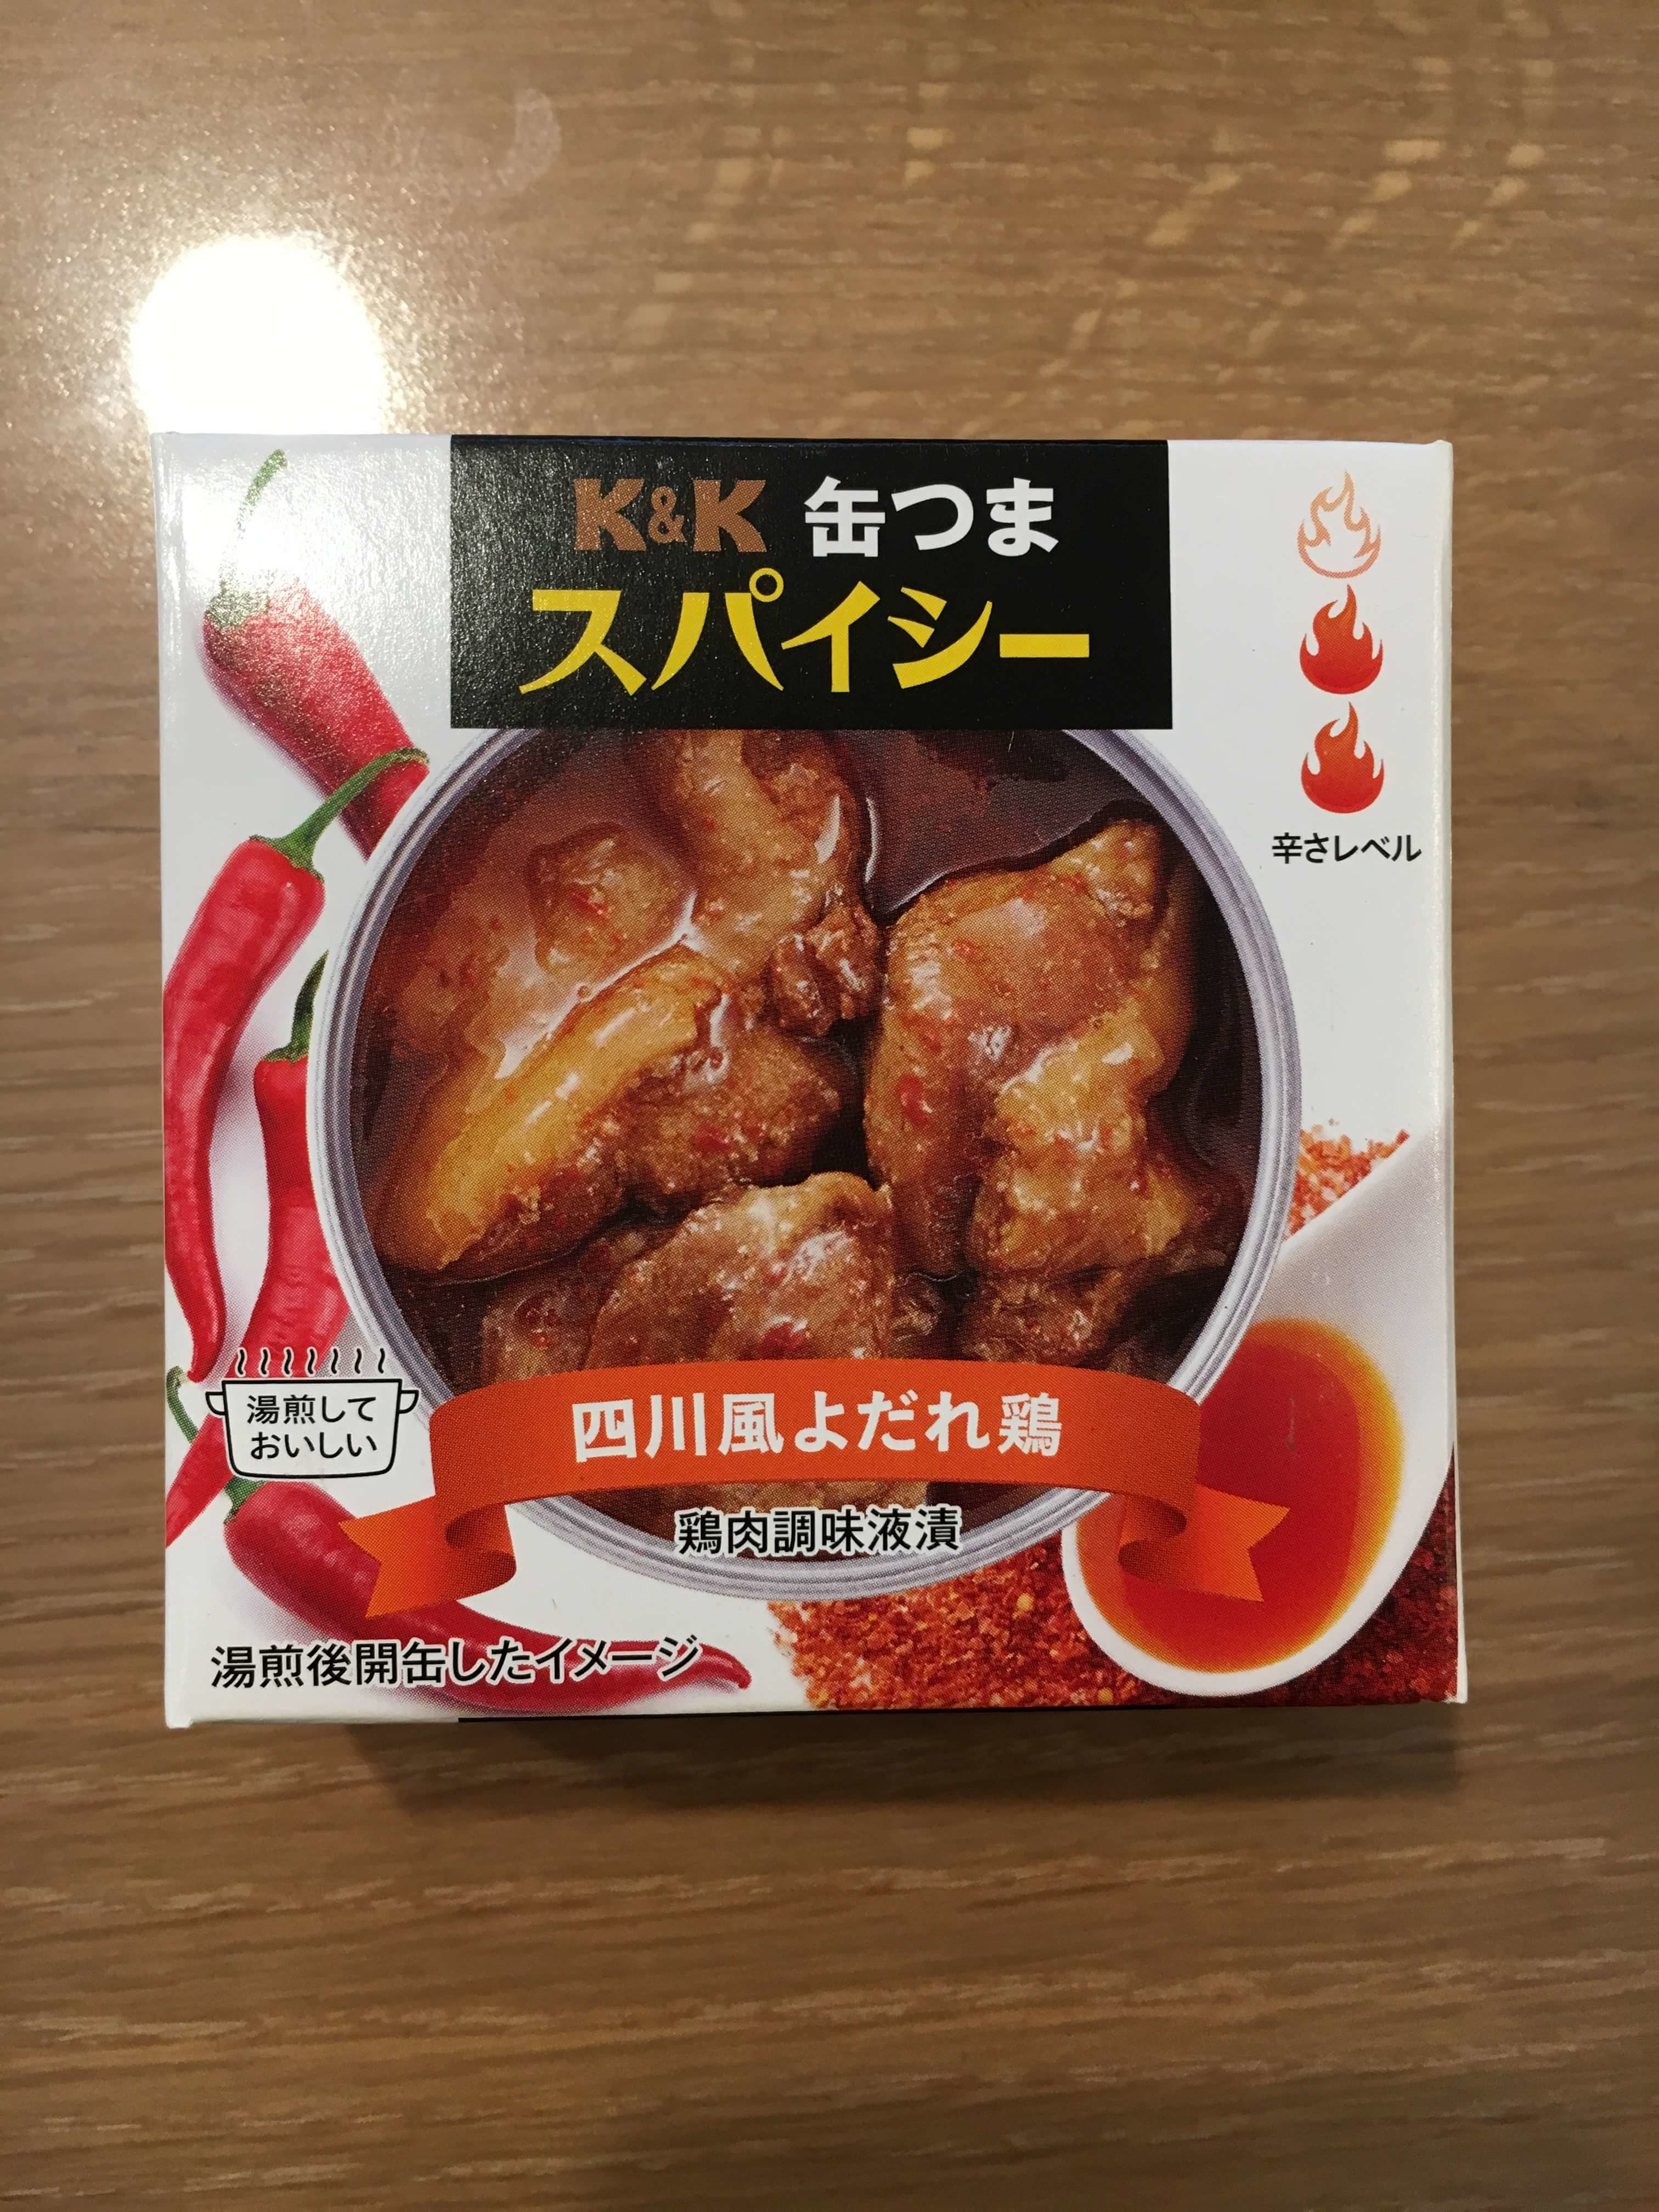 K&K缶つまスパイシー 四川風よだれ鶏 残ったソースでもう一品